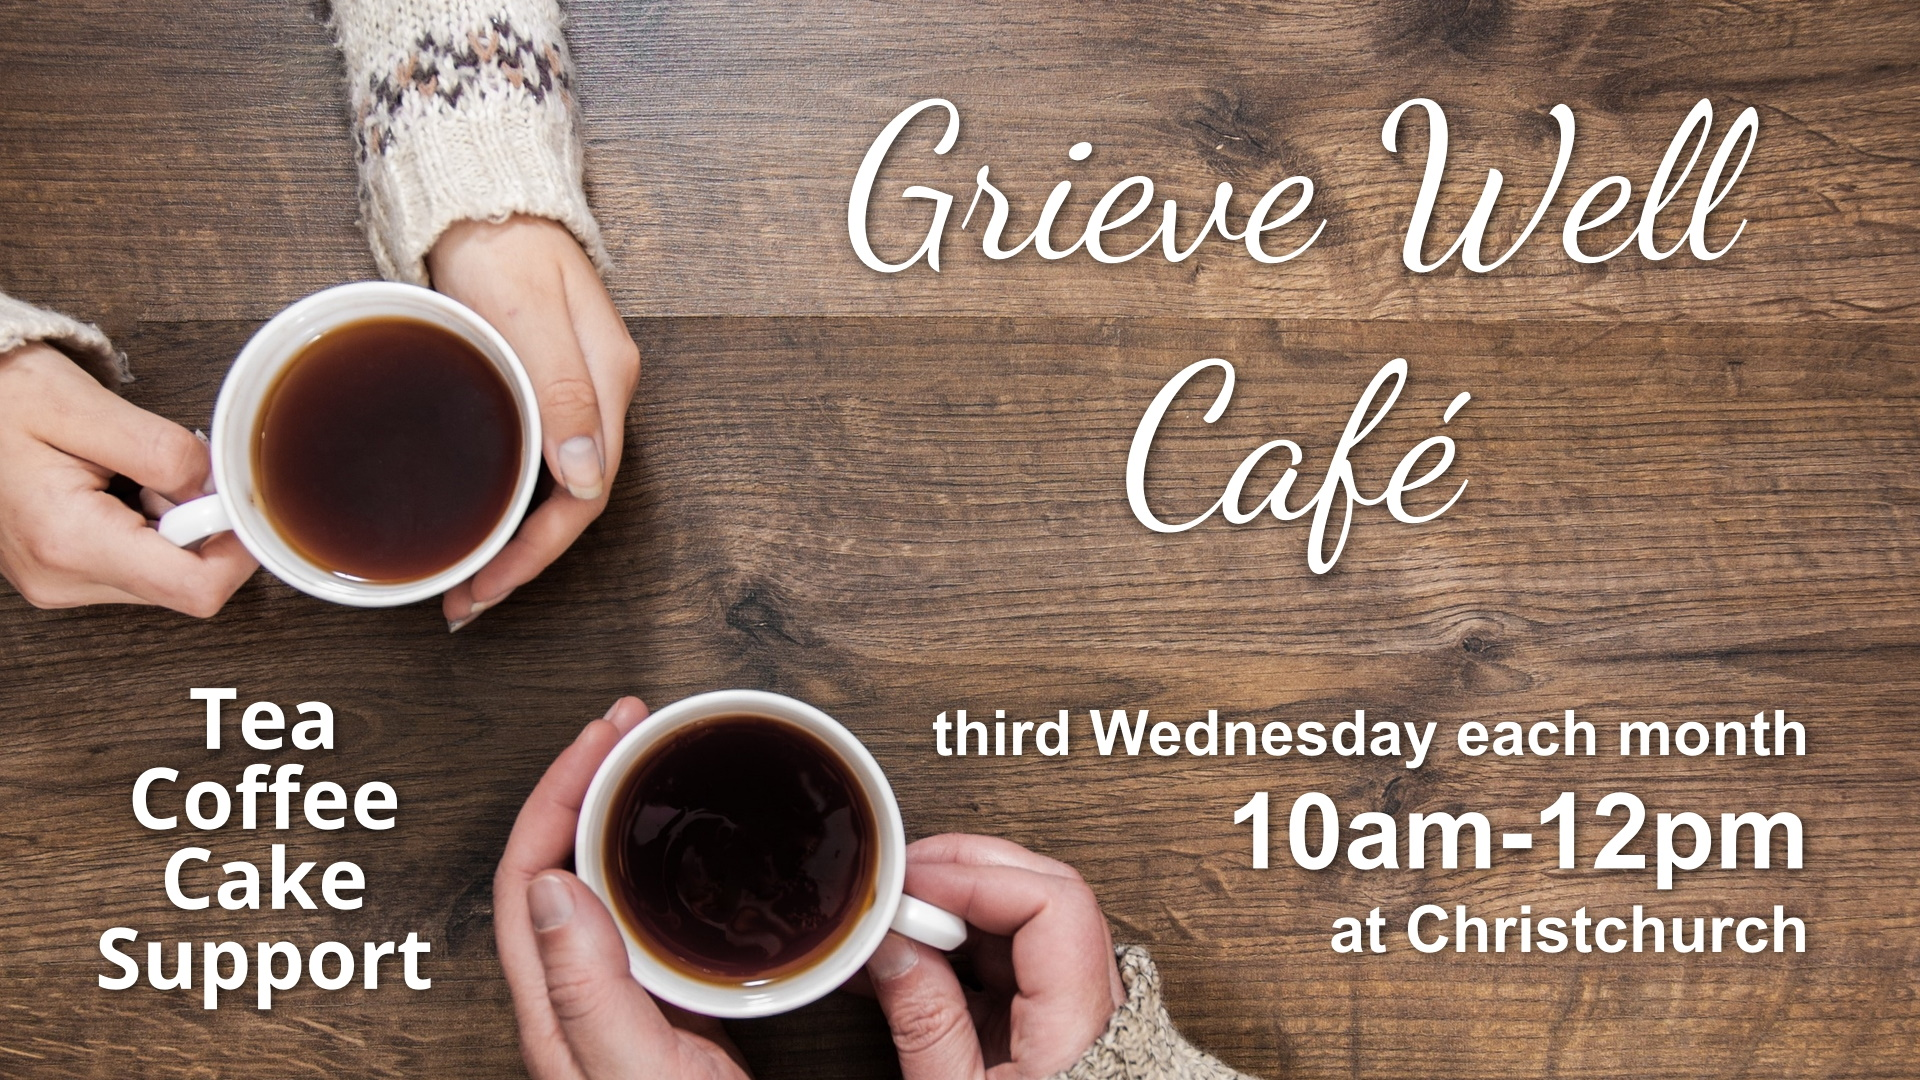 Grieve Well Café